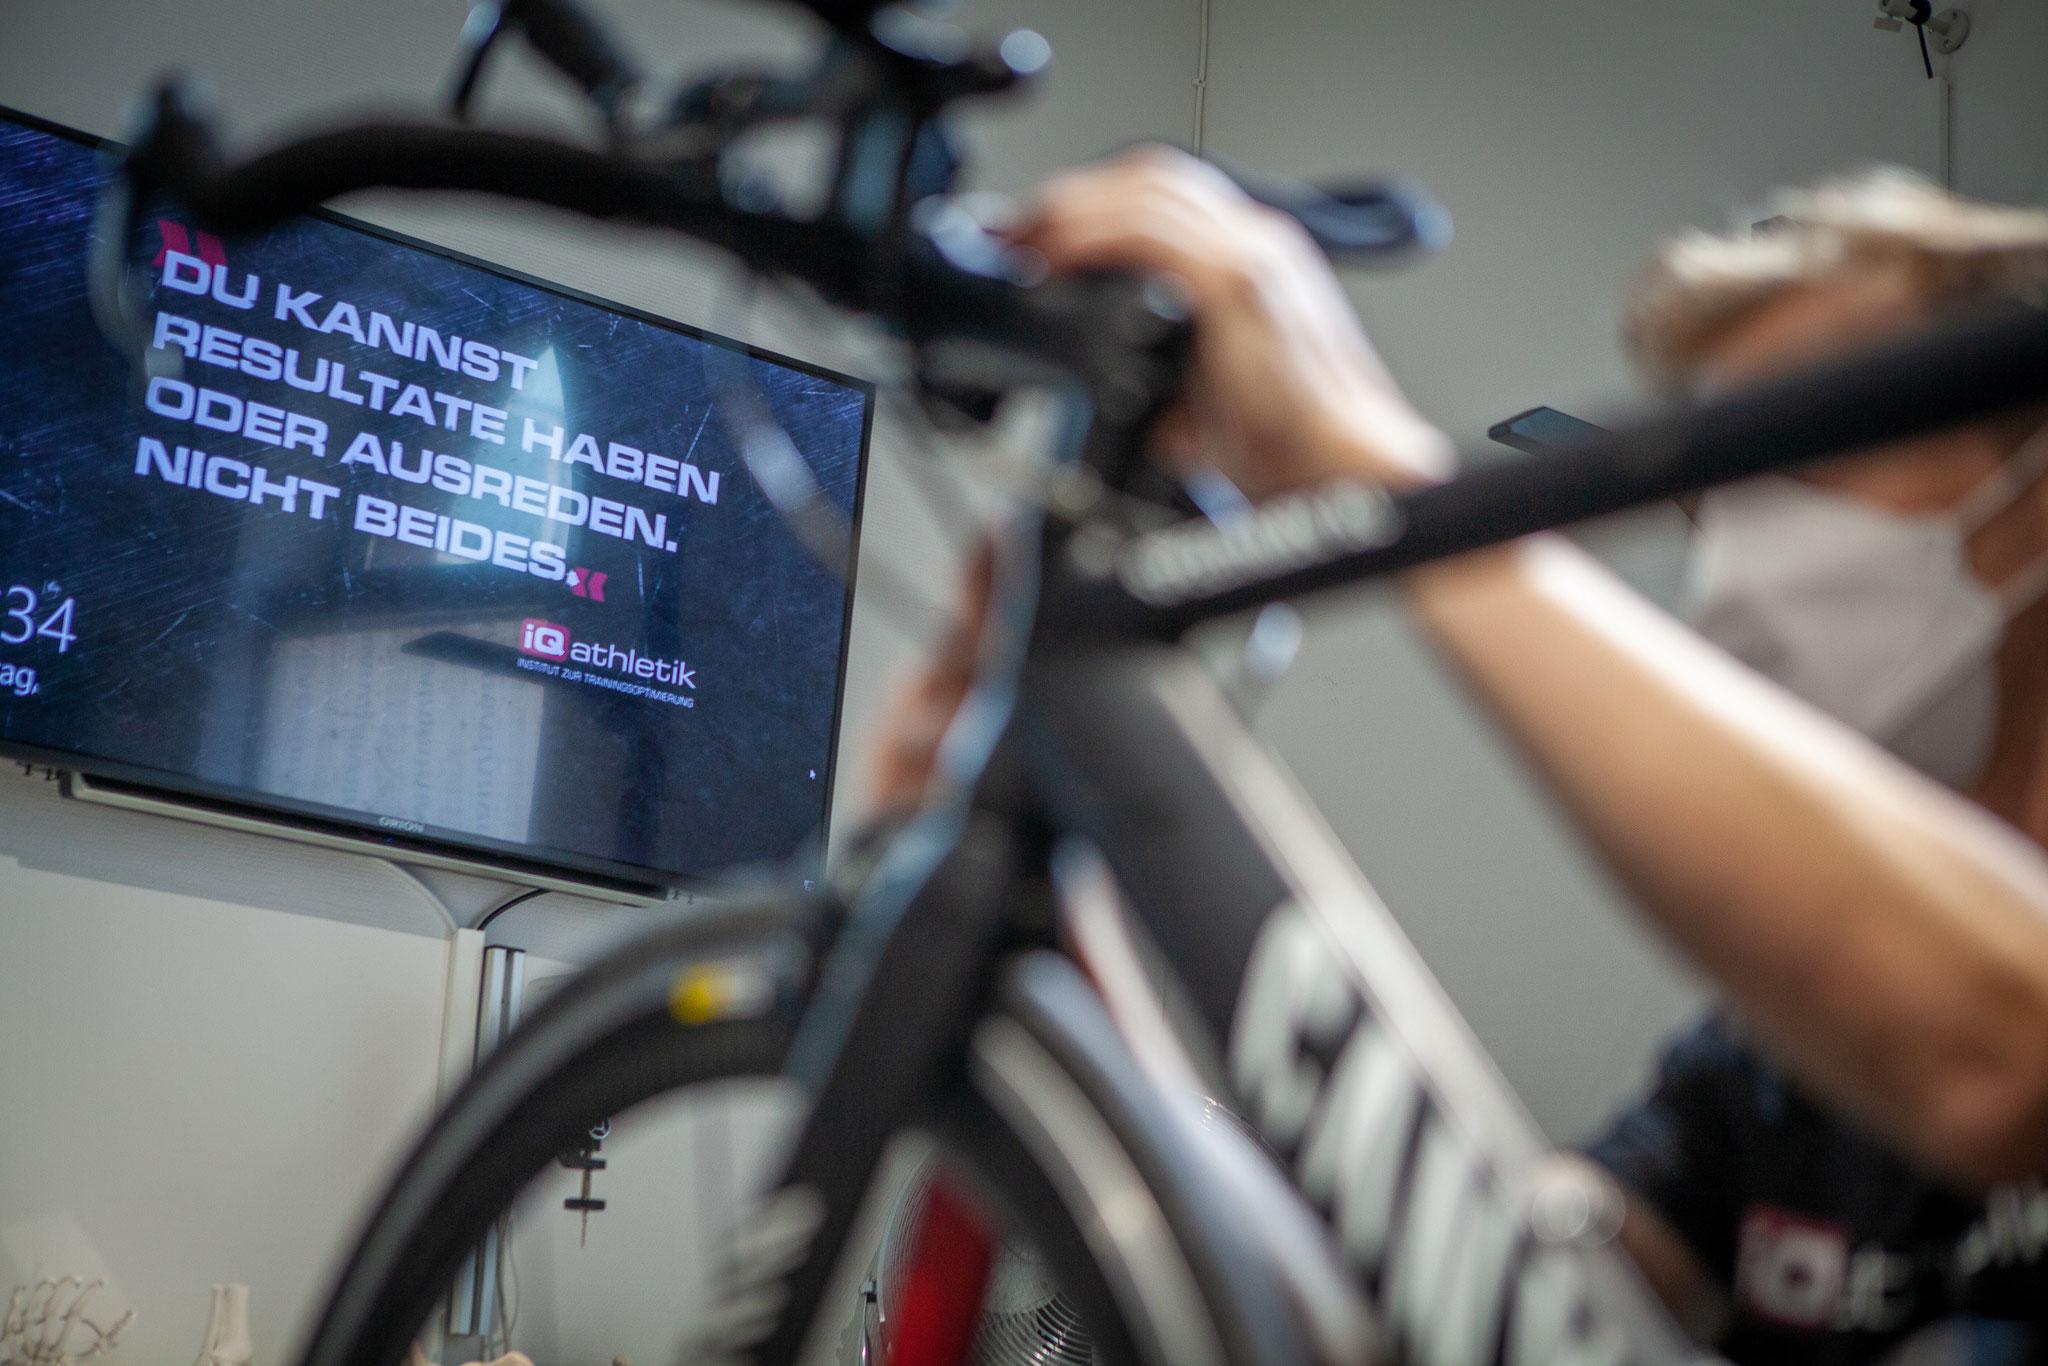 Beim Bikefiting bringen oft schon kleine Änderungen große Resultate (Foto: Nils Thies)